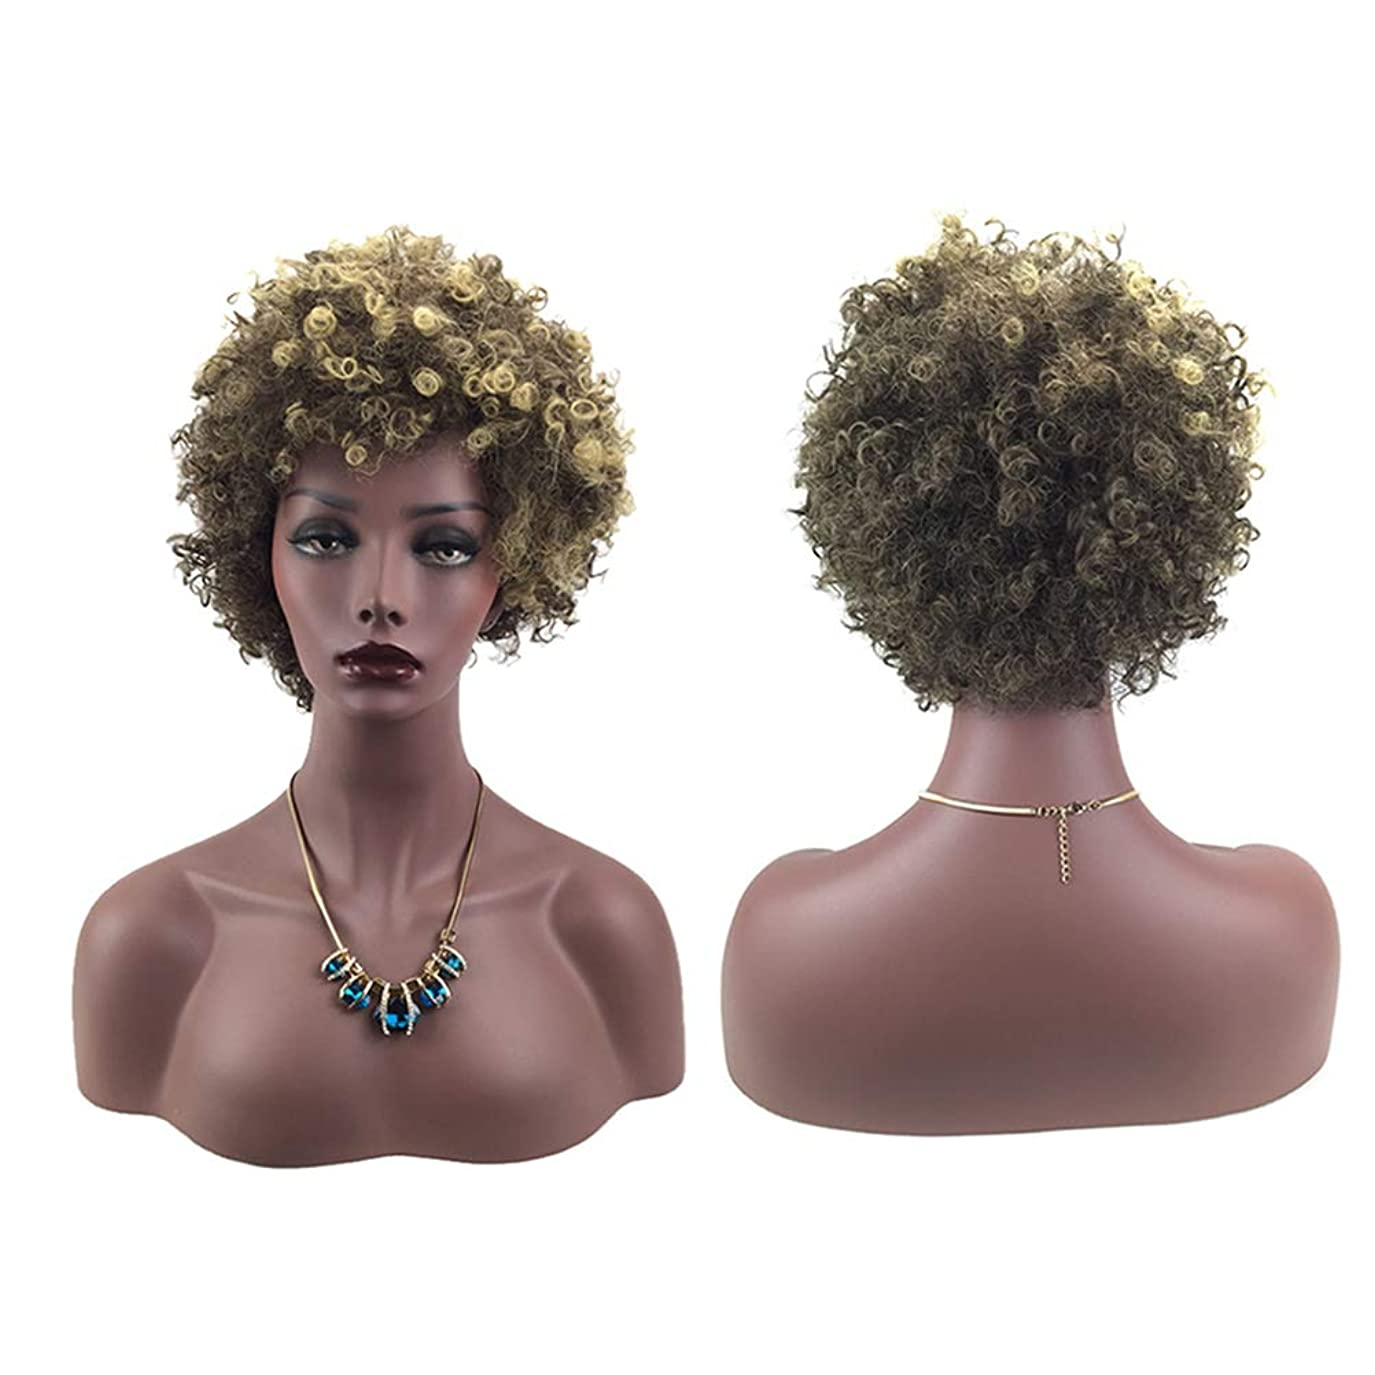 驚くばかりホバートスタジオ女性ミニカーリーファッションヘアウィッグ自然に見える絶妙な弾性ネットウィッグカバー(66162)